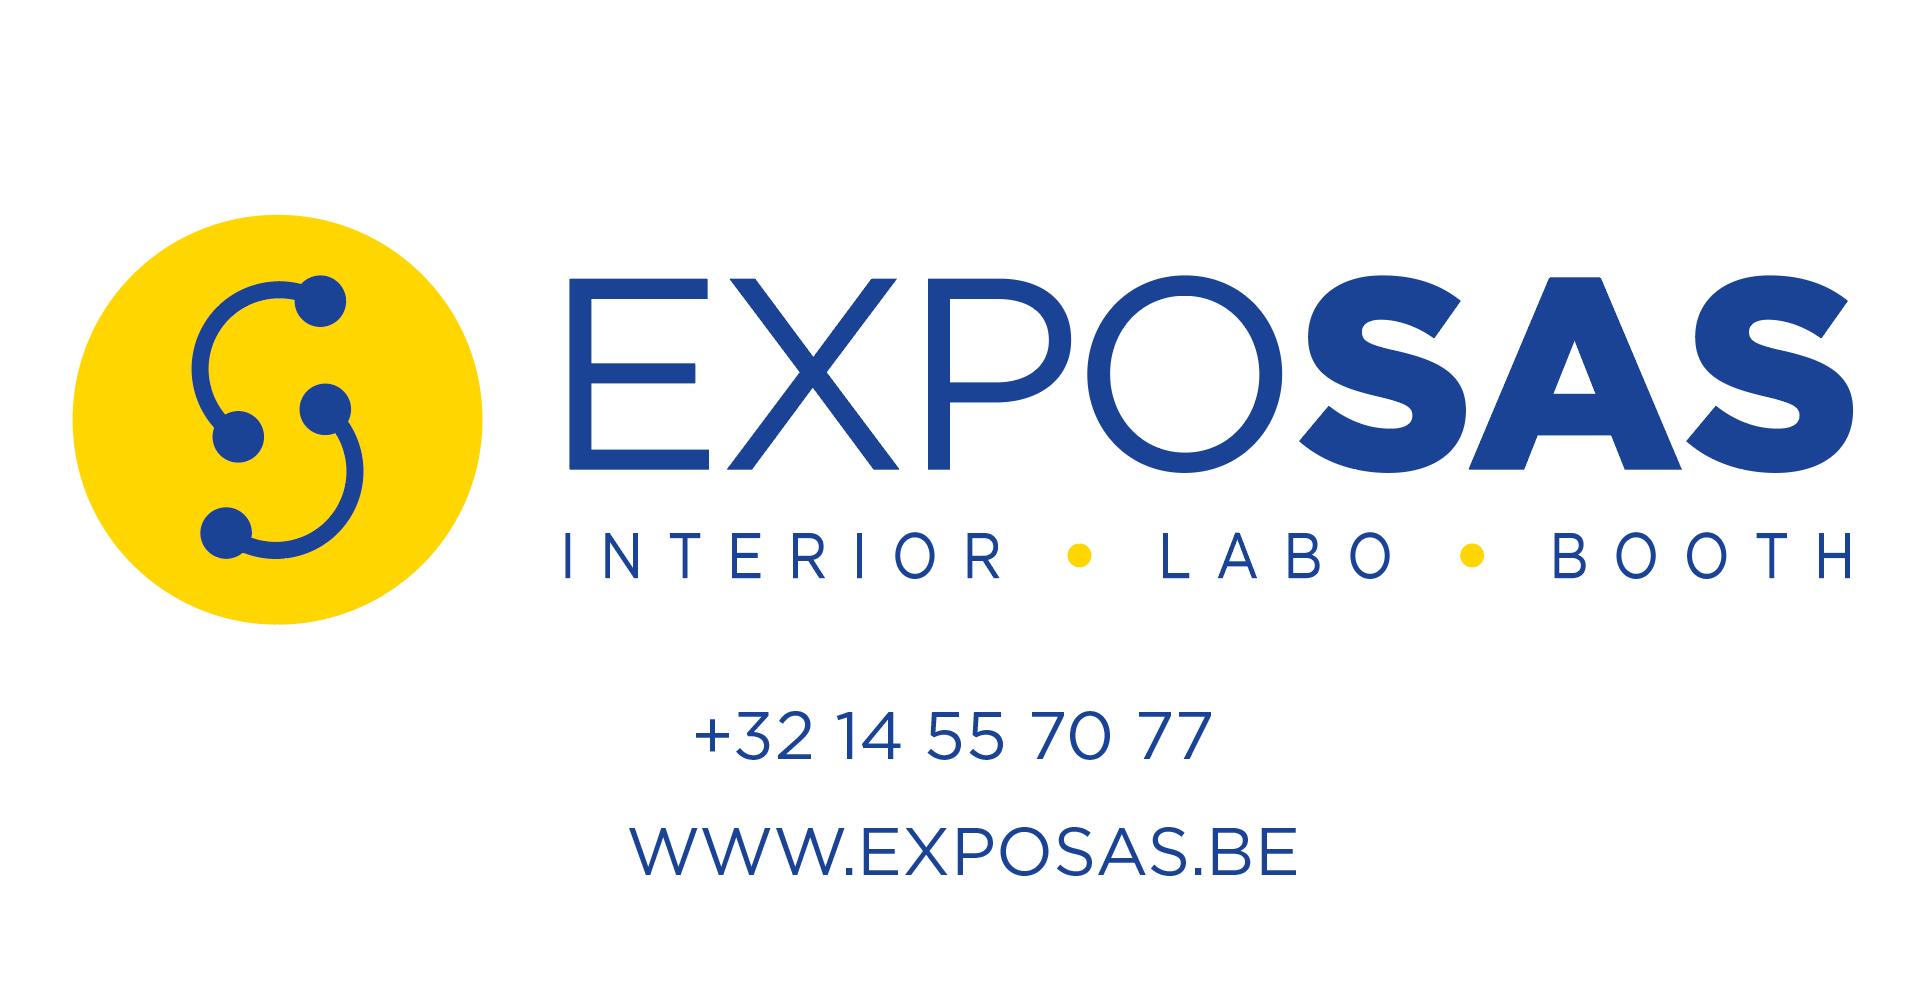 Expo Sas